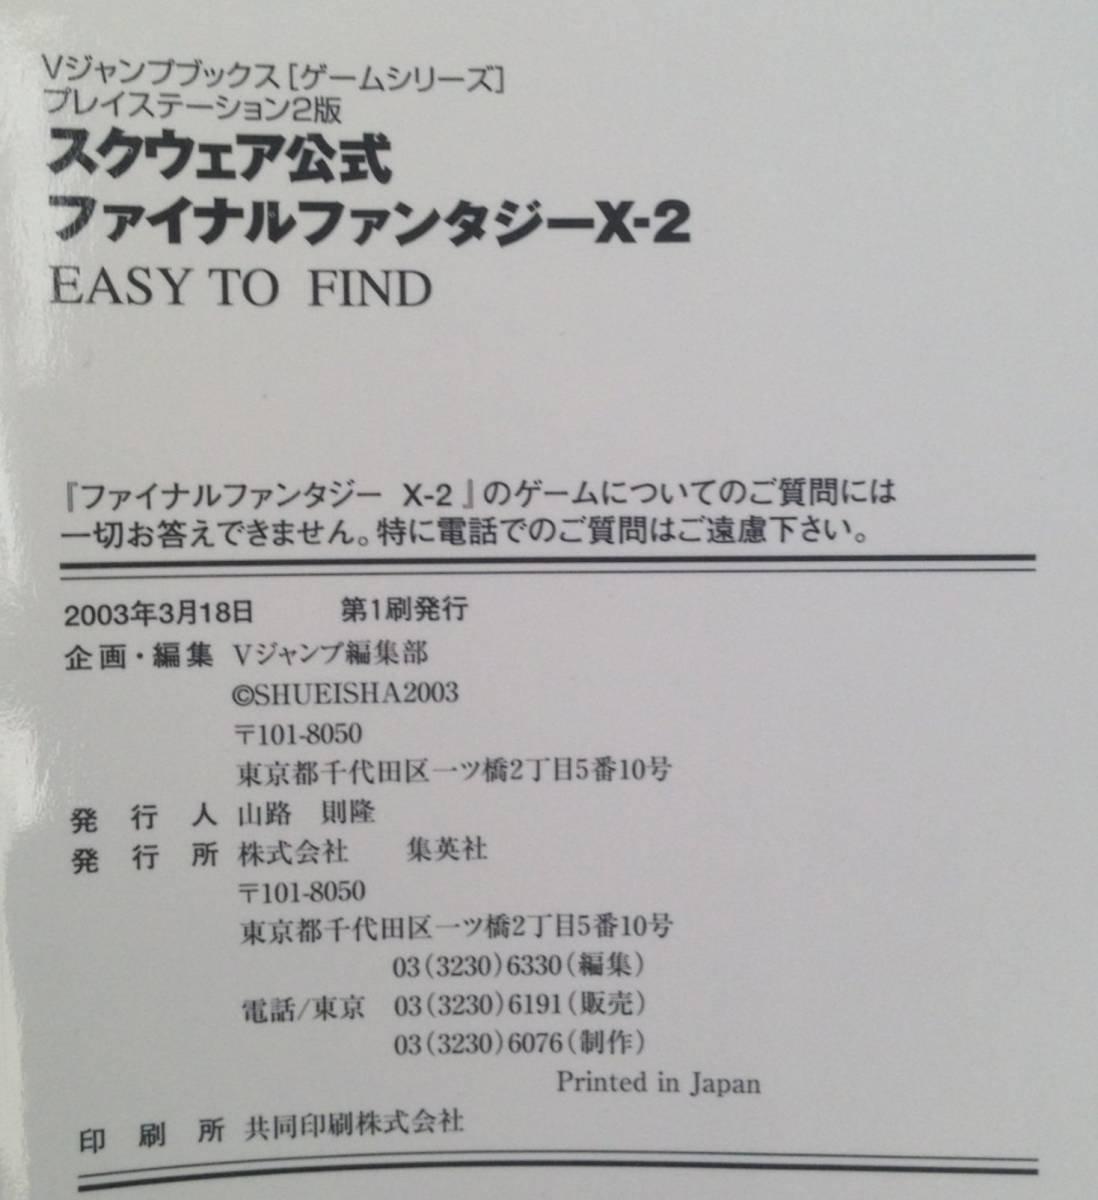 ファイナルファンタジー X-2 EASY TO FIND プレイステーション2版 スクウェア公式